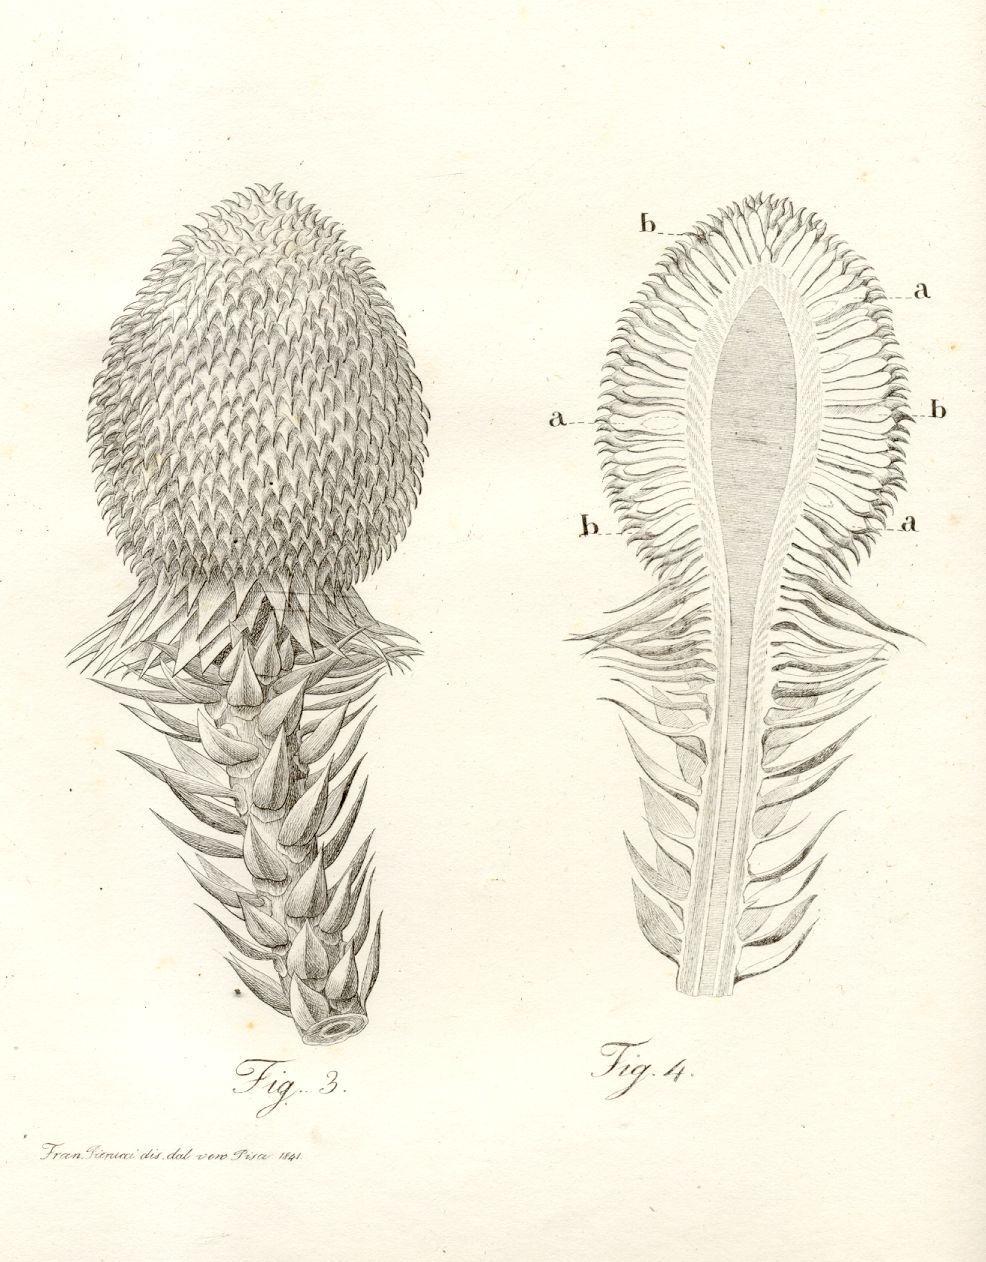 Zielstrebig 1 Kreuzer 1869 Baden-durlach Kleinmünzen & Teilstücke Münzen Altdeutschland Bis 1871